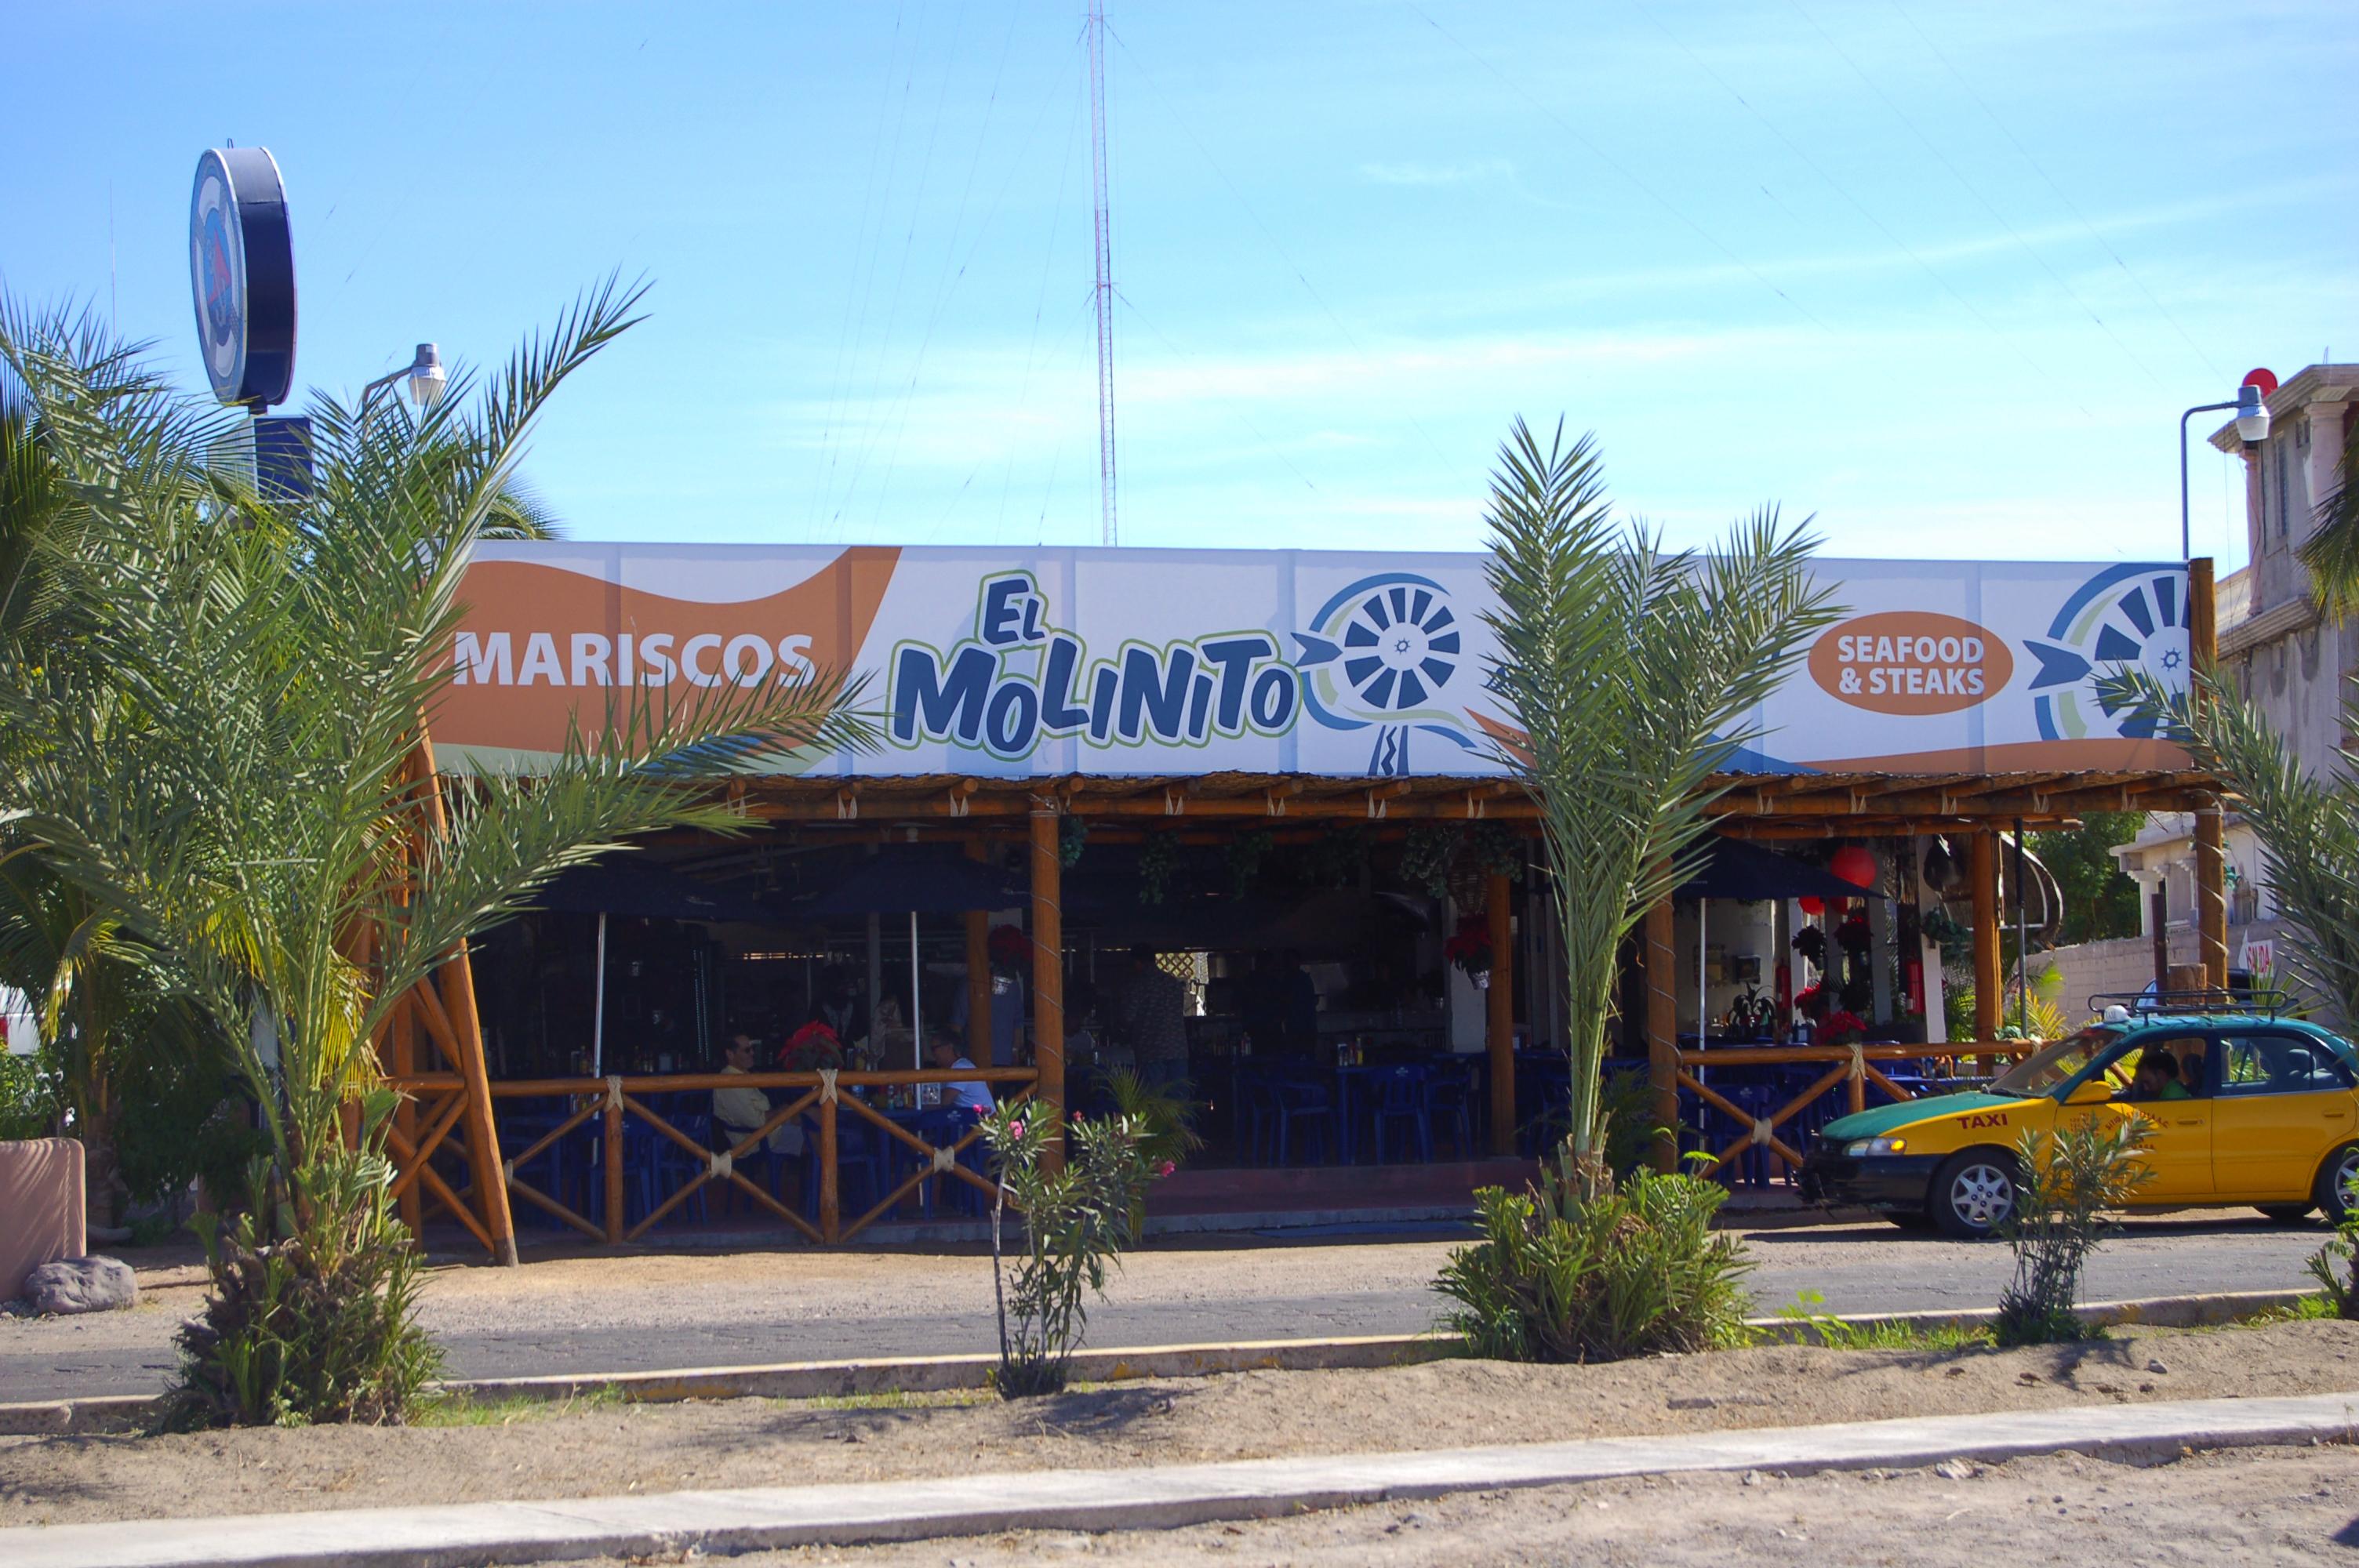 Mariscos El Molinito, La Paz, Baja Sur